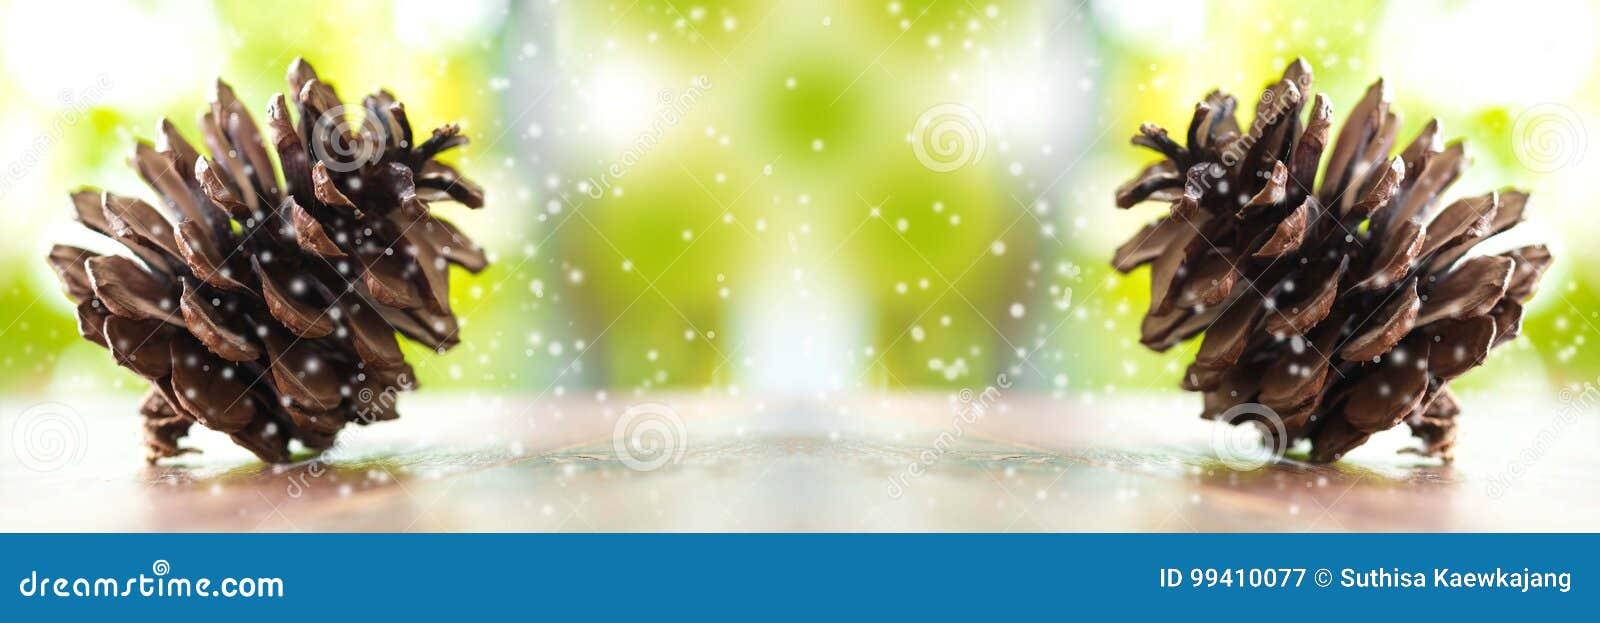 Kerstbomen en vrolijk Kerstmiswoord Sluit omhoog Denneappels